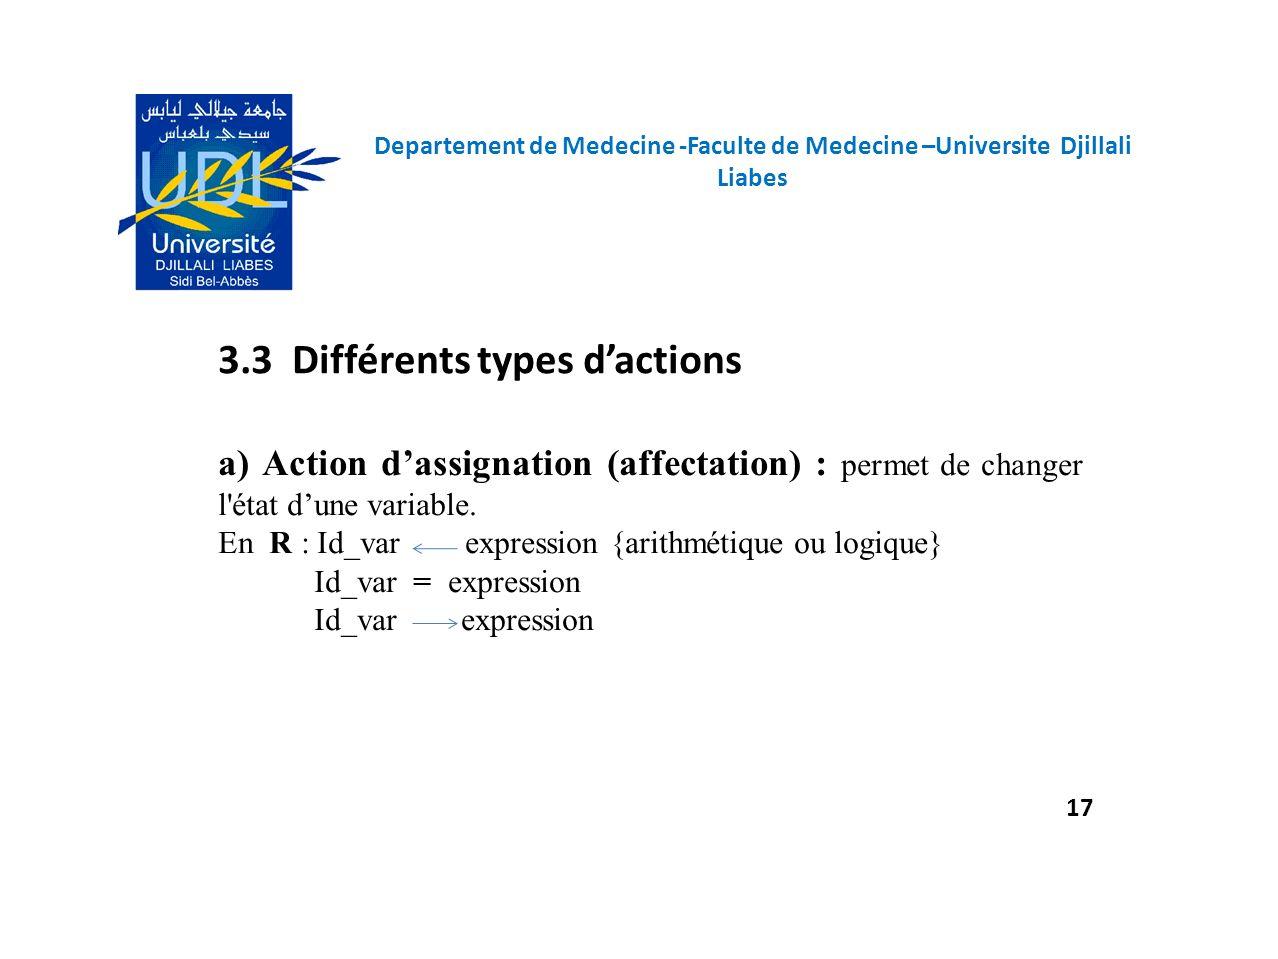 3.3 Différents types dactions a) Action dassignation (affectation) : permet de changer l'état dune variable. En R : Id_var expression {arithmétique ou